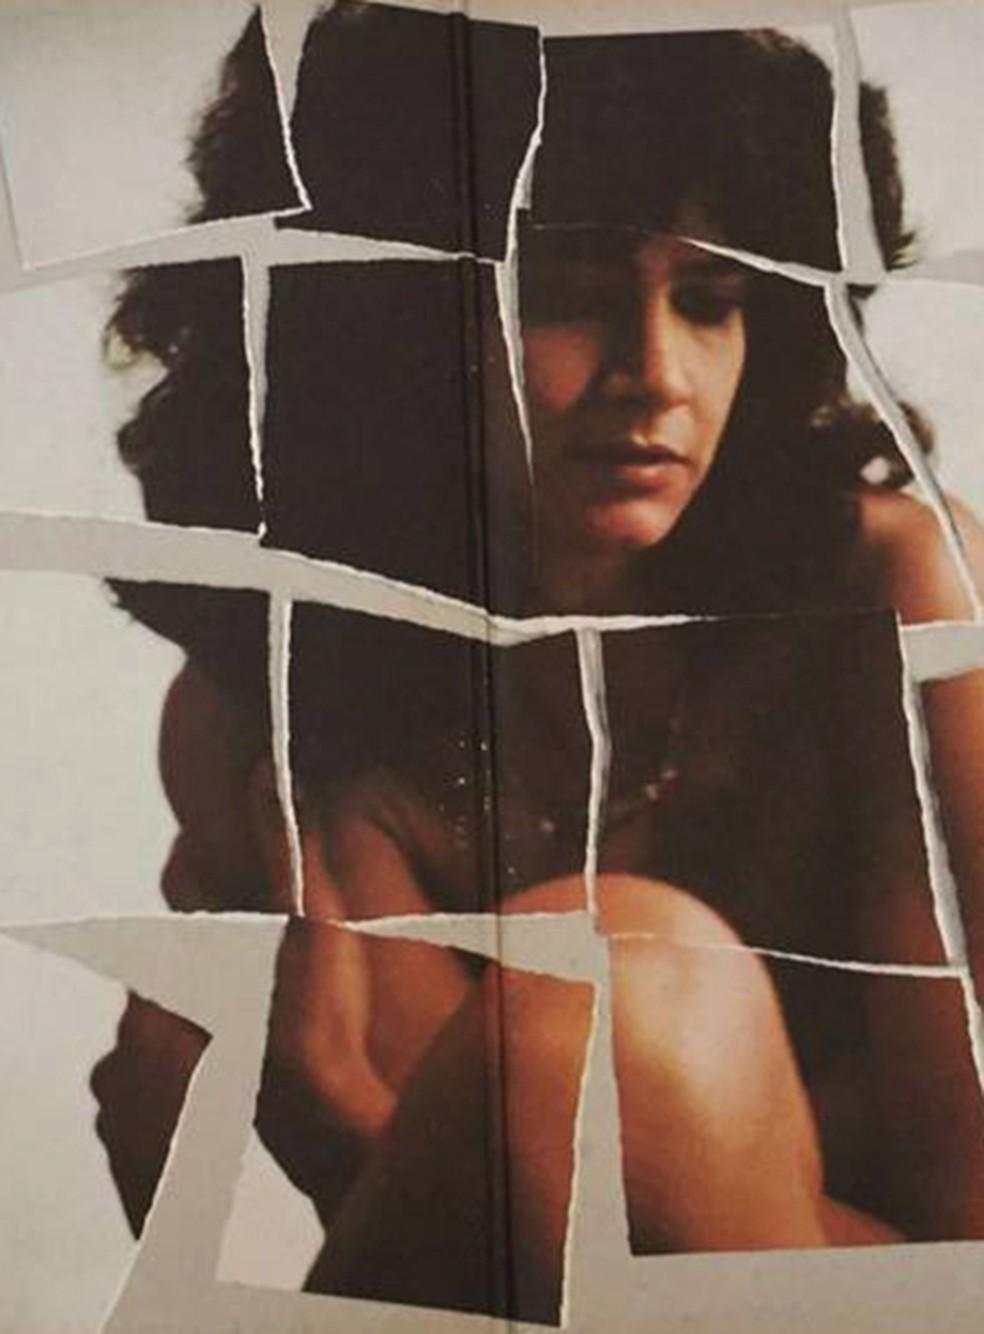 Arte do encarte do álbum 'Pedaços', de Simone — Foto: Fernando Carvalho / Reprodução de encarte de disco